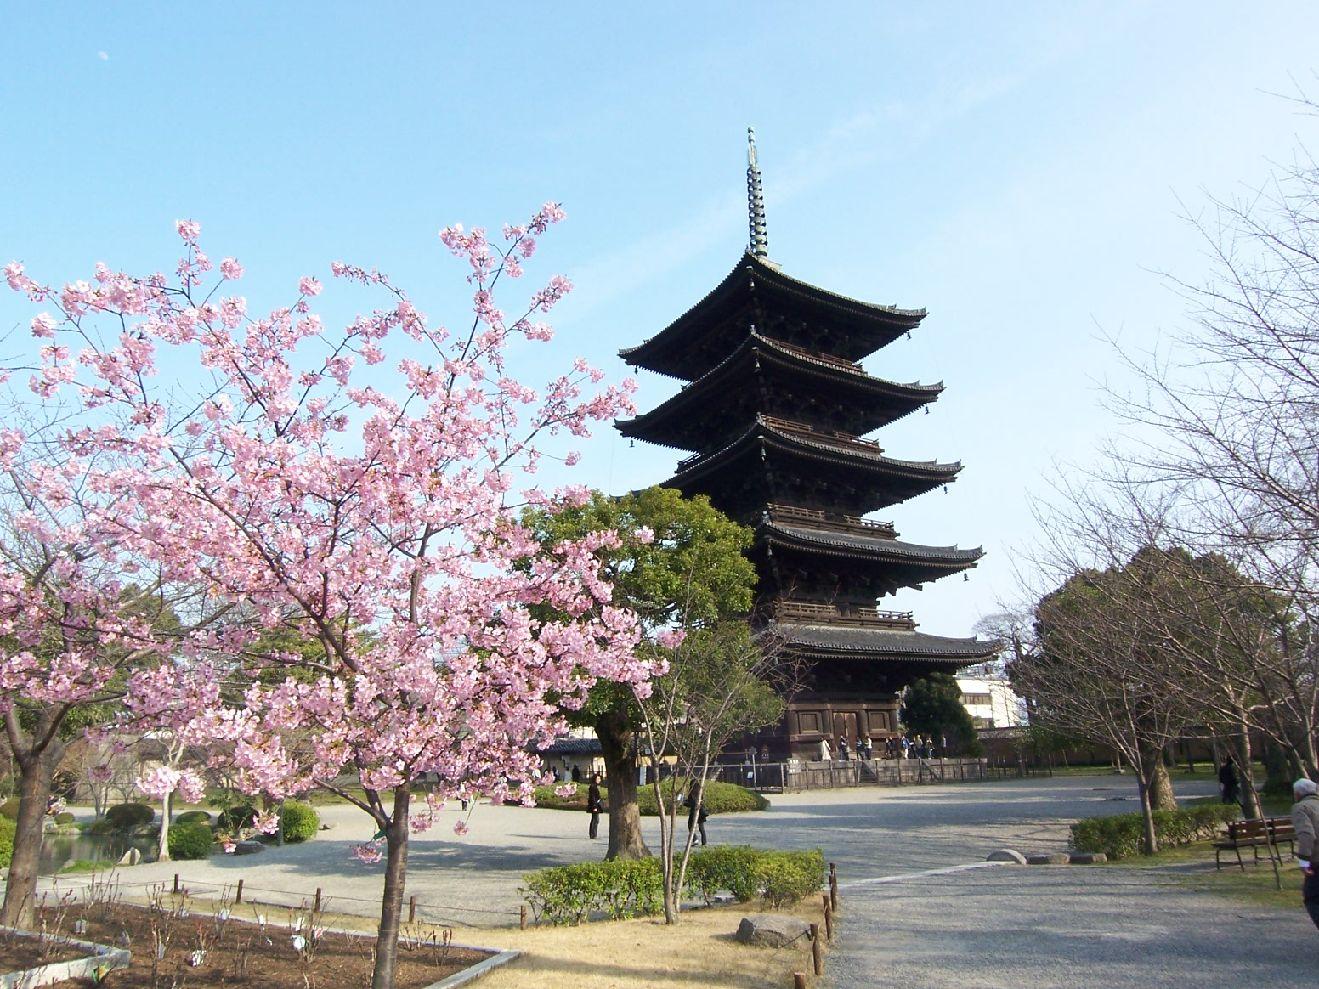 京都の五重塔は4つあります!場所を把握して上手に観光しよう!